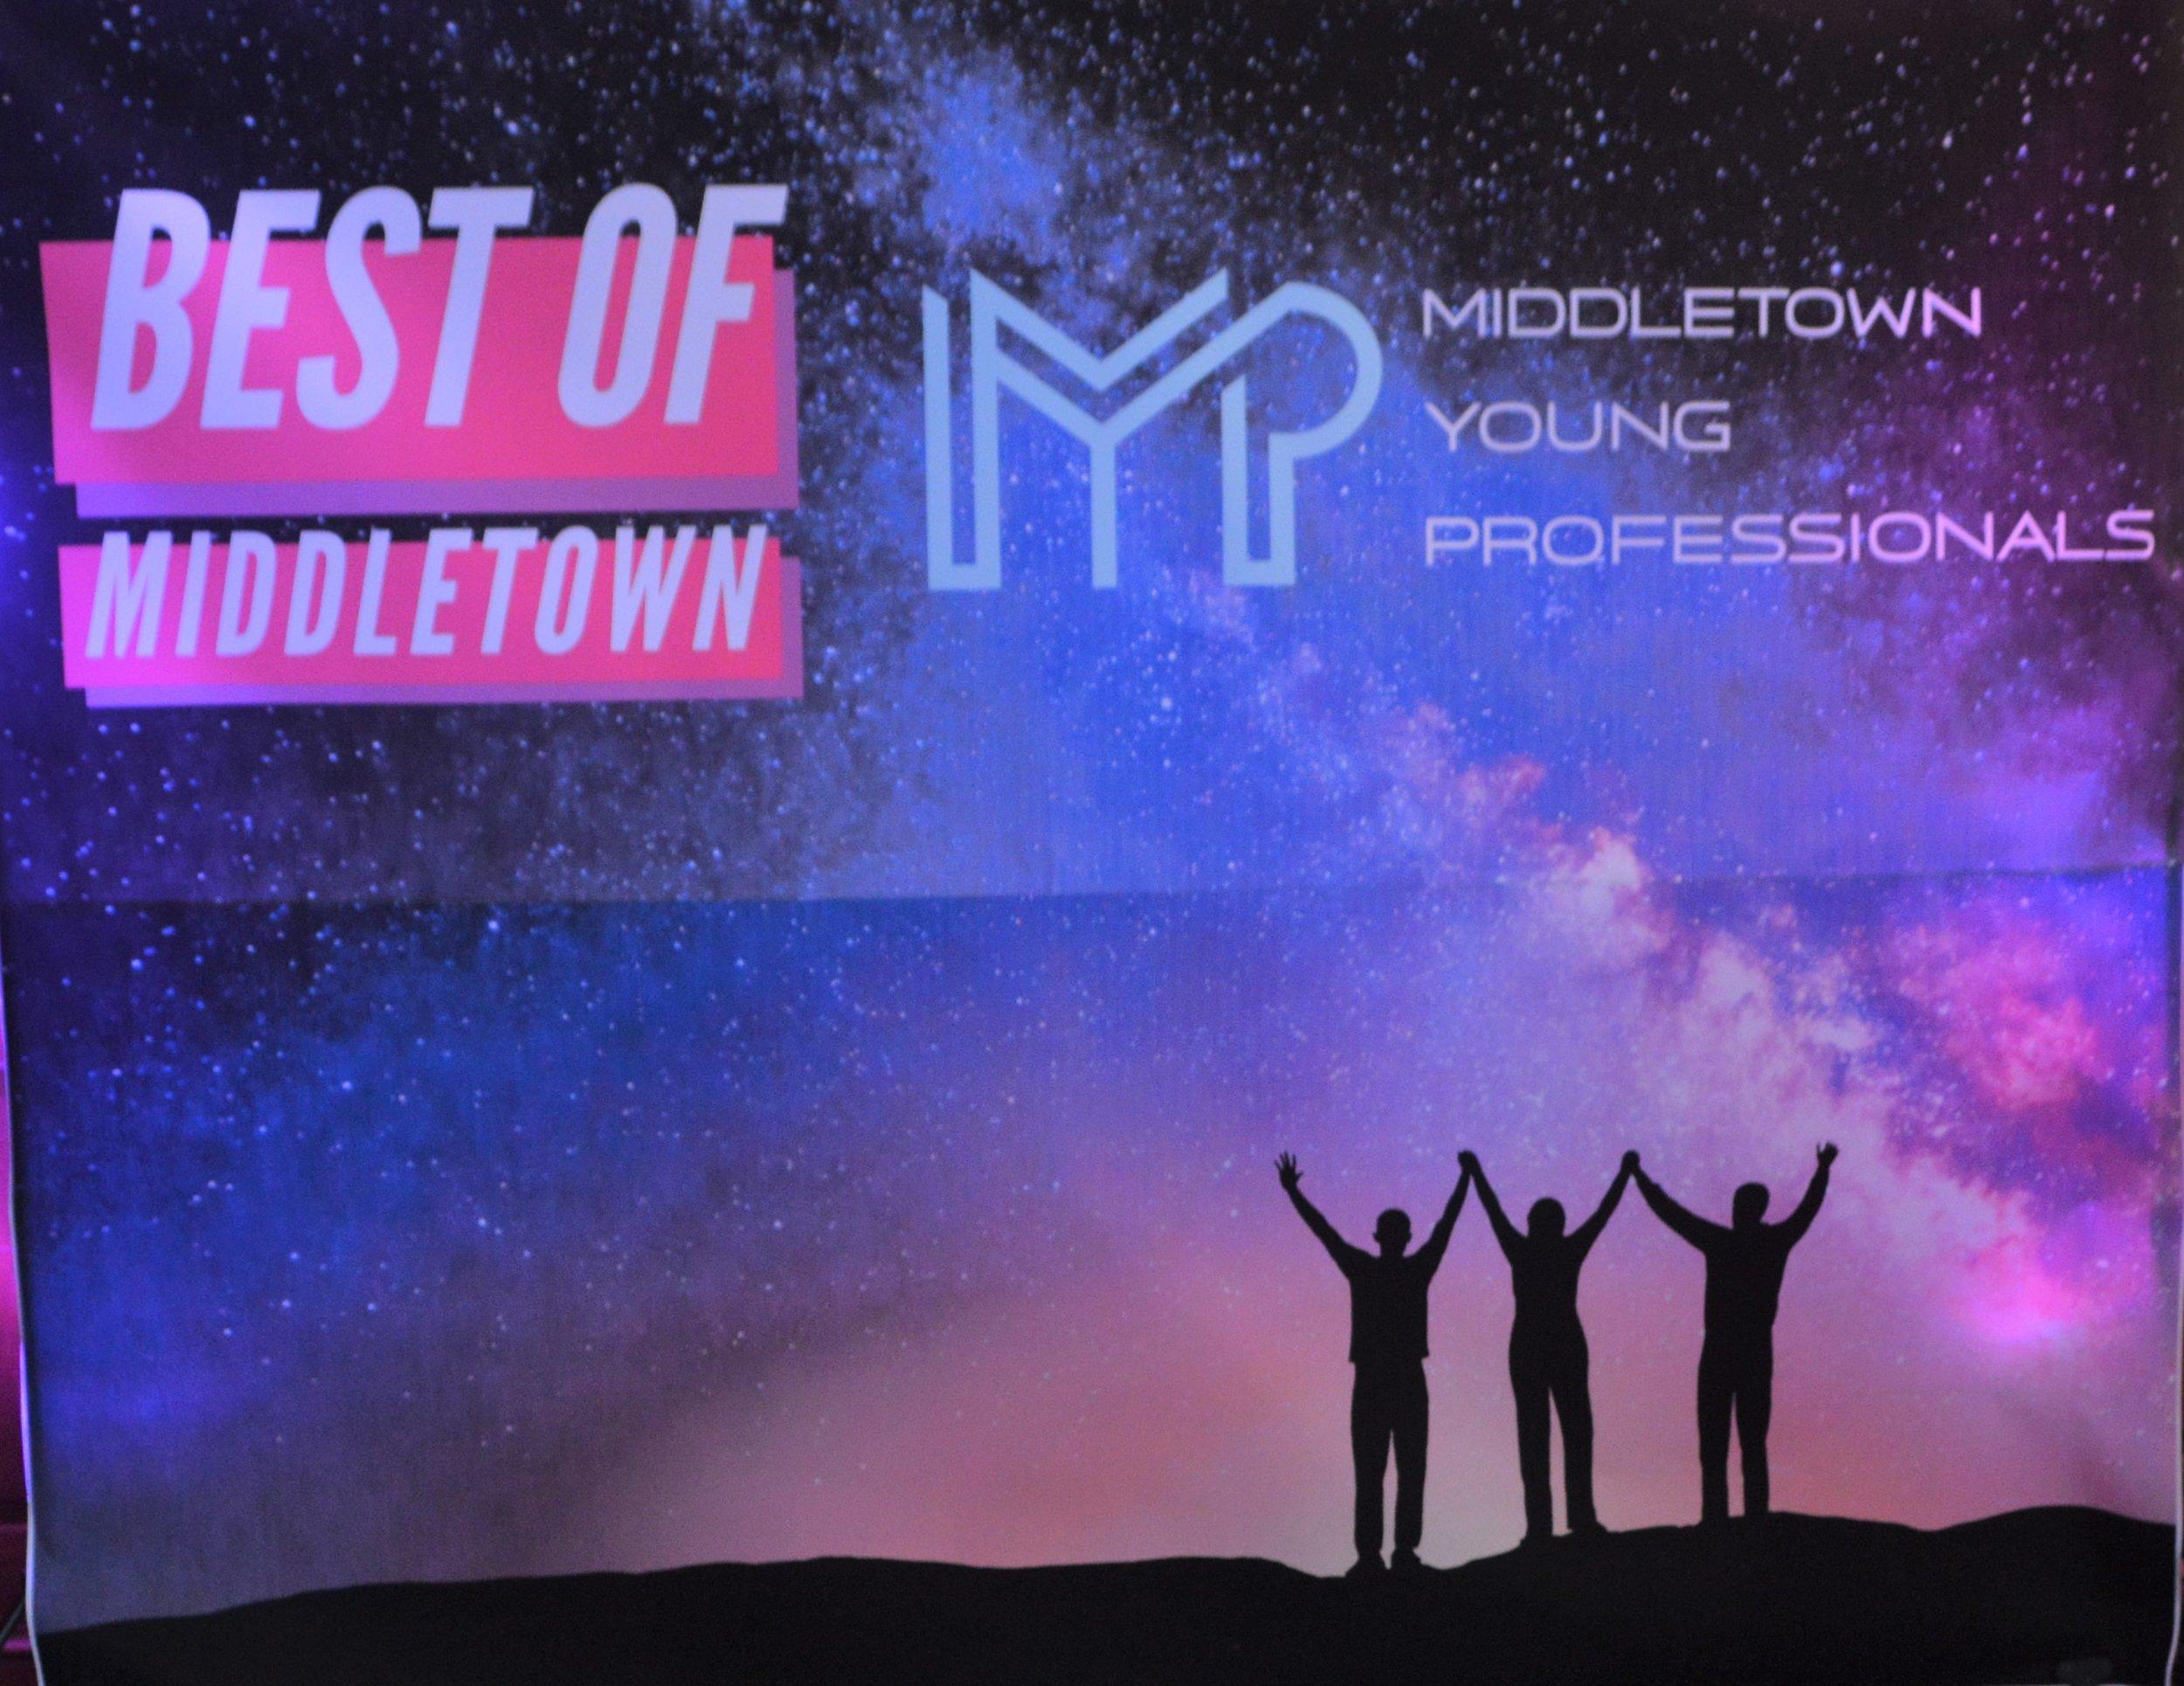 bestofmiddletown2018 (11).JPG